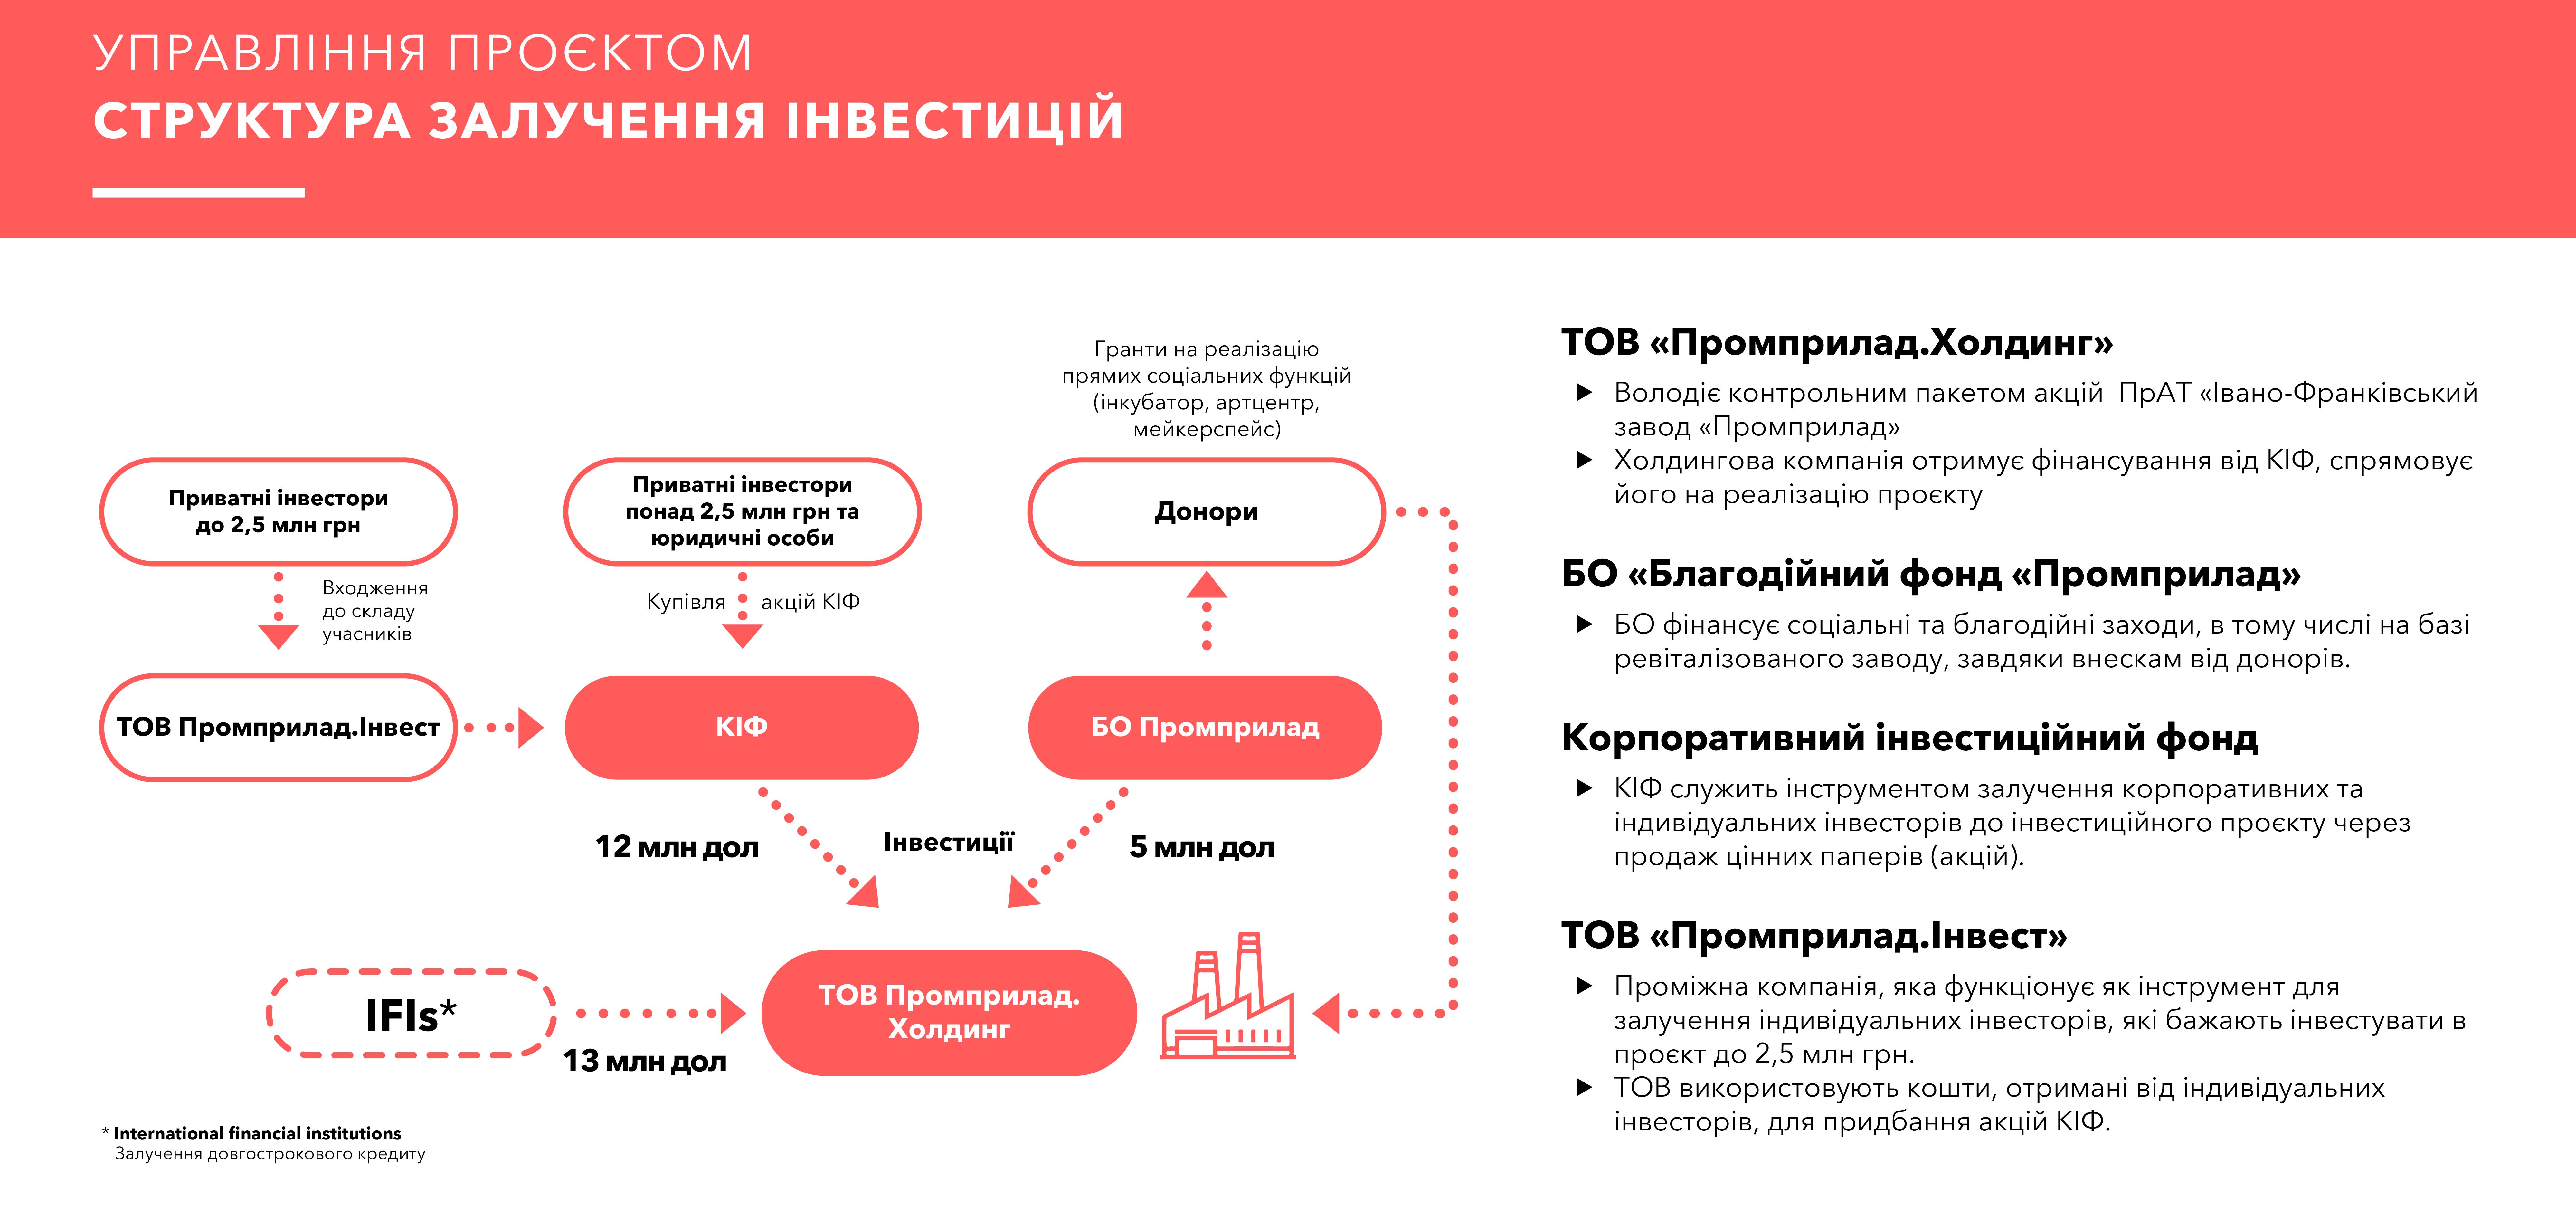 Структура залучення інвестицій